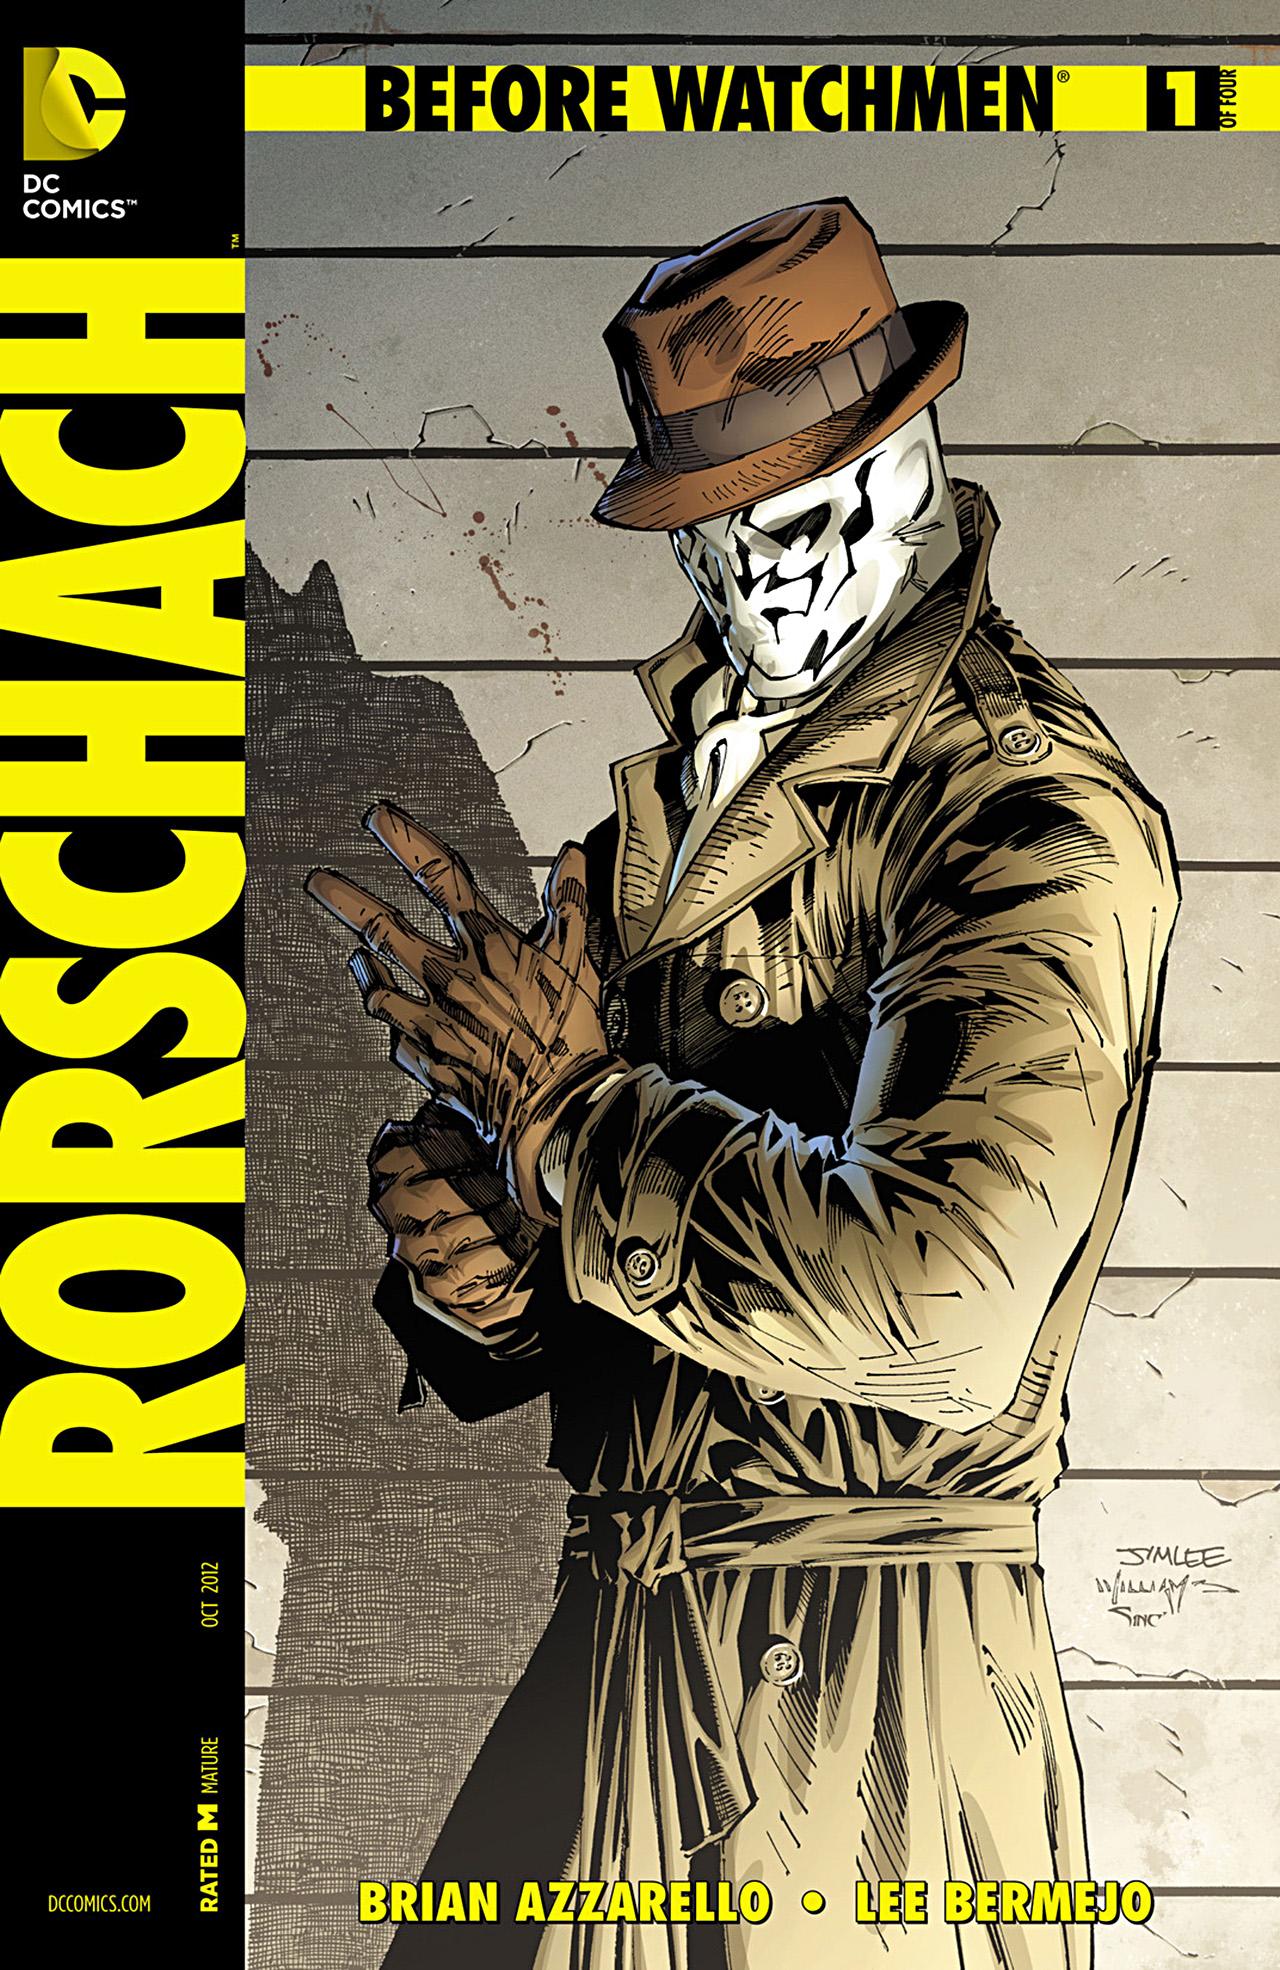 [Literatura y Comics] ¿Qué leí hoy? - Página 20 Before_Watchmen_Rorschach_Vol_1_1_Variant_B